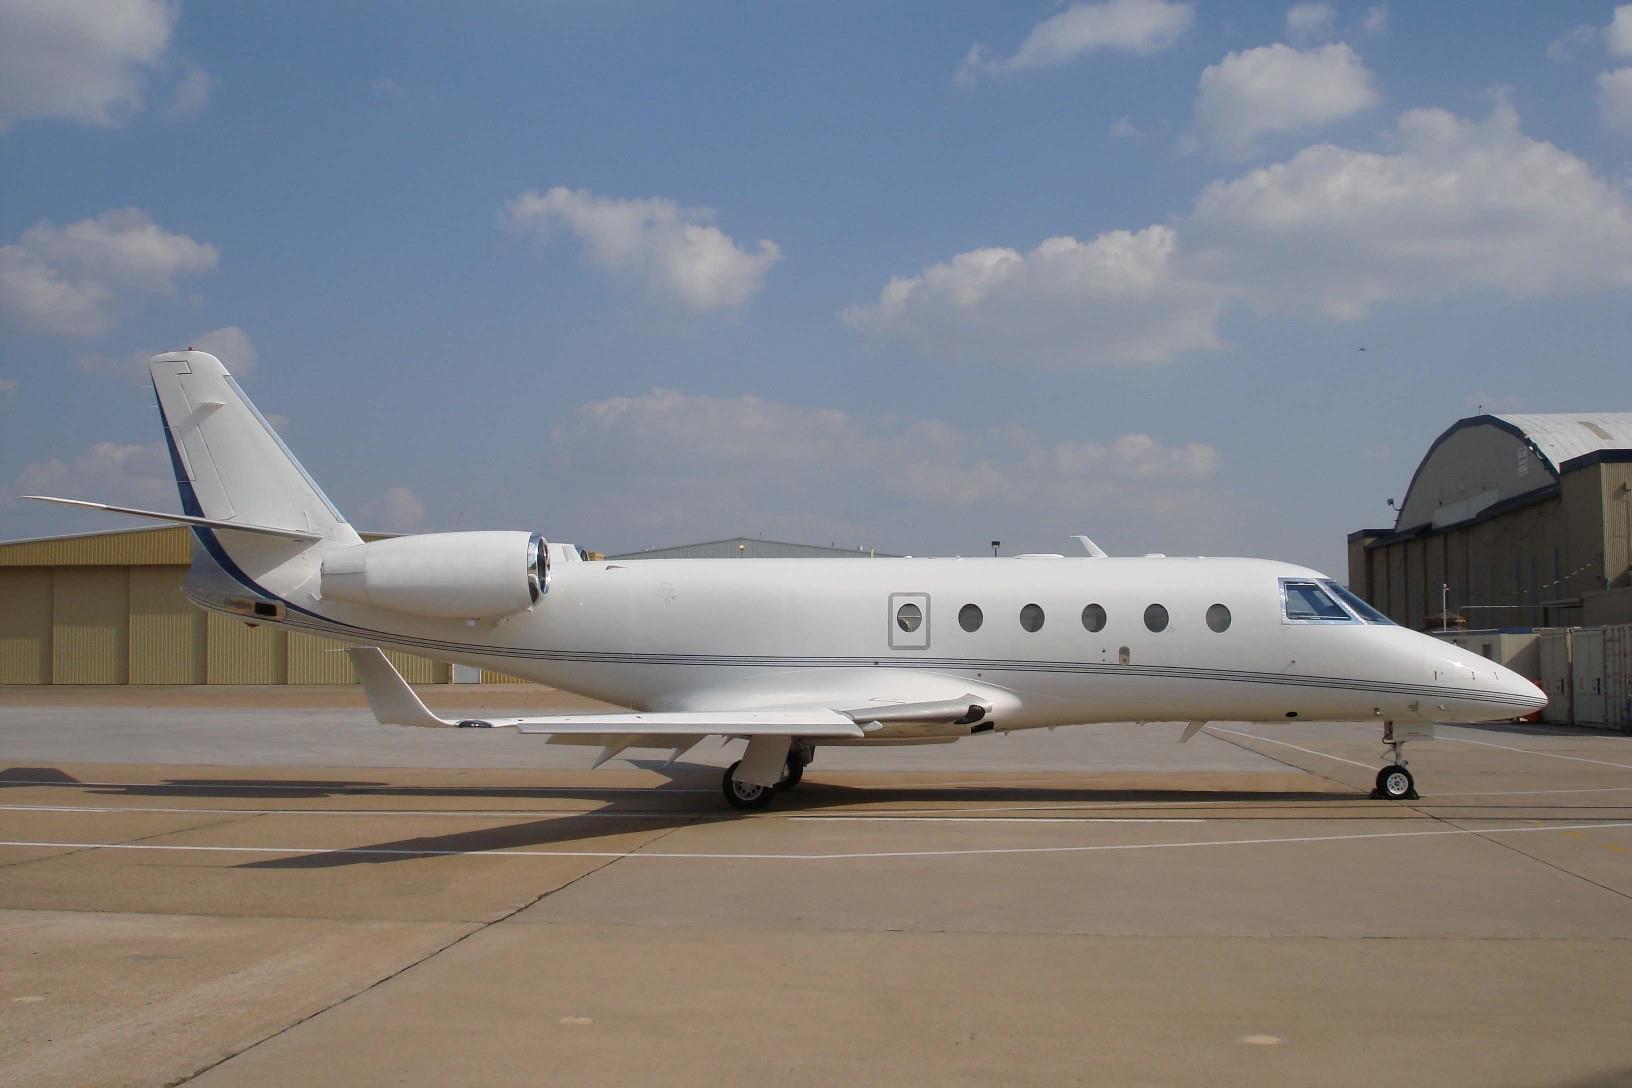 Gulfstream G150 photo